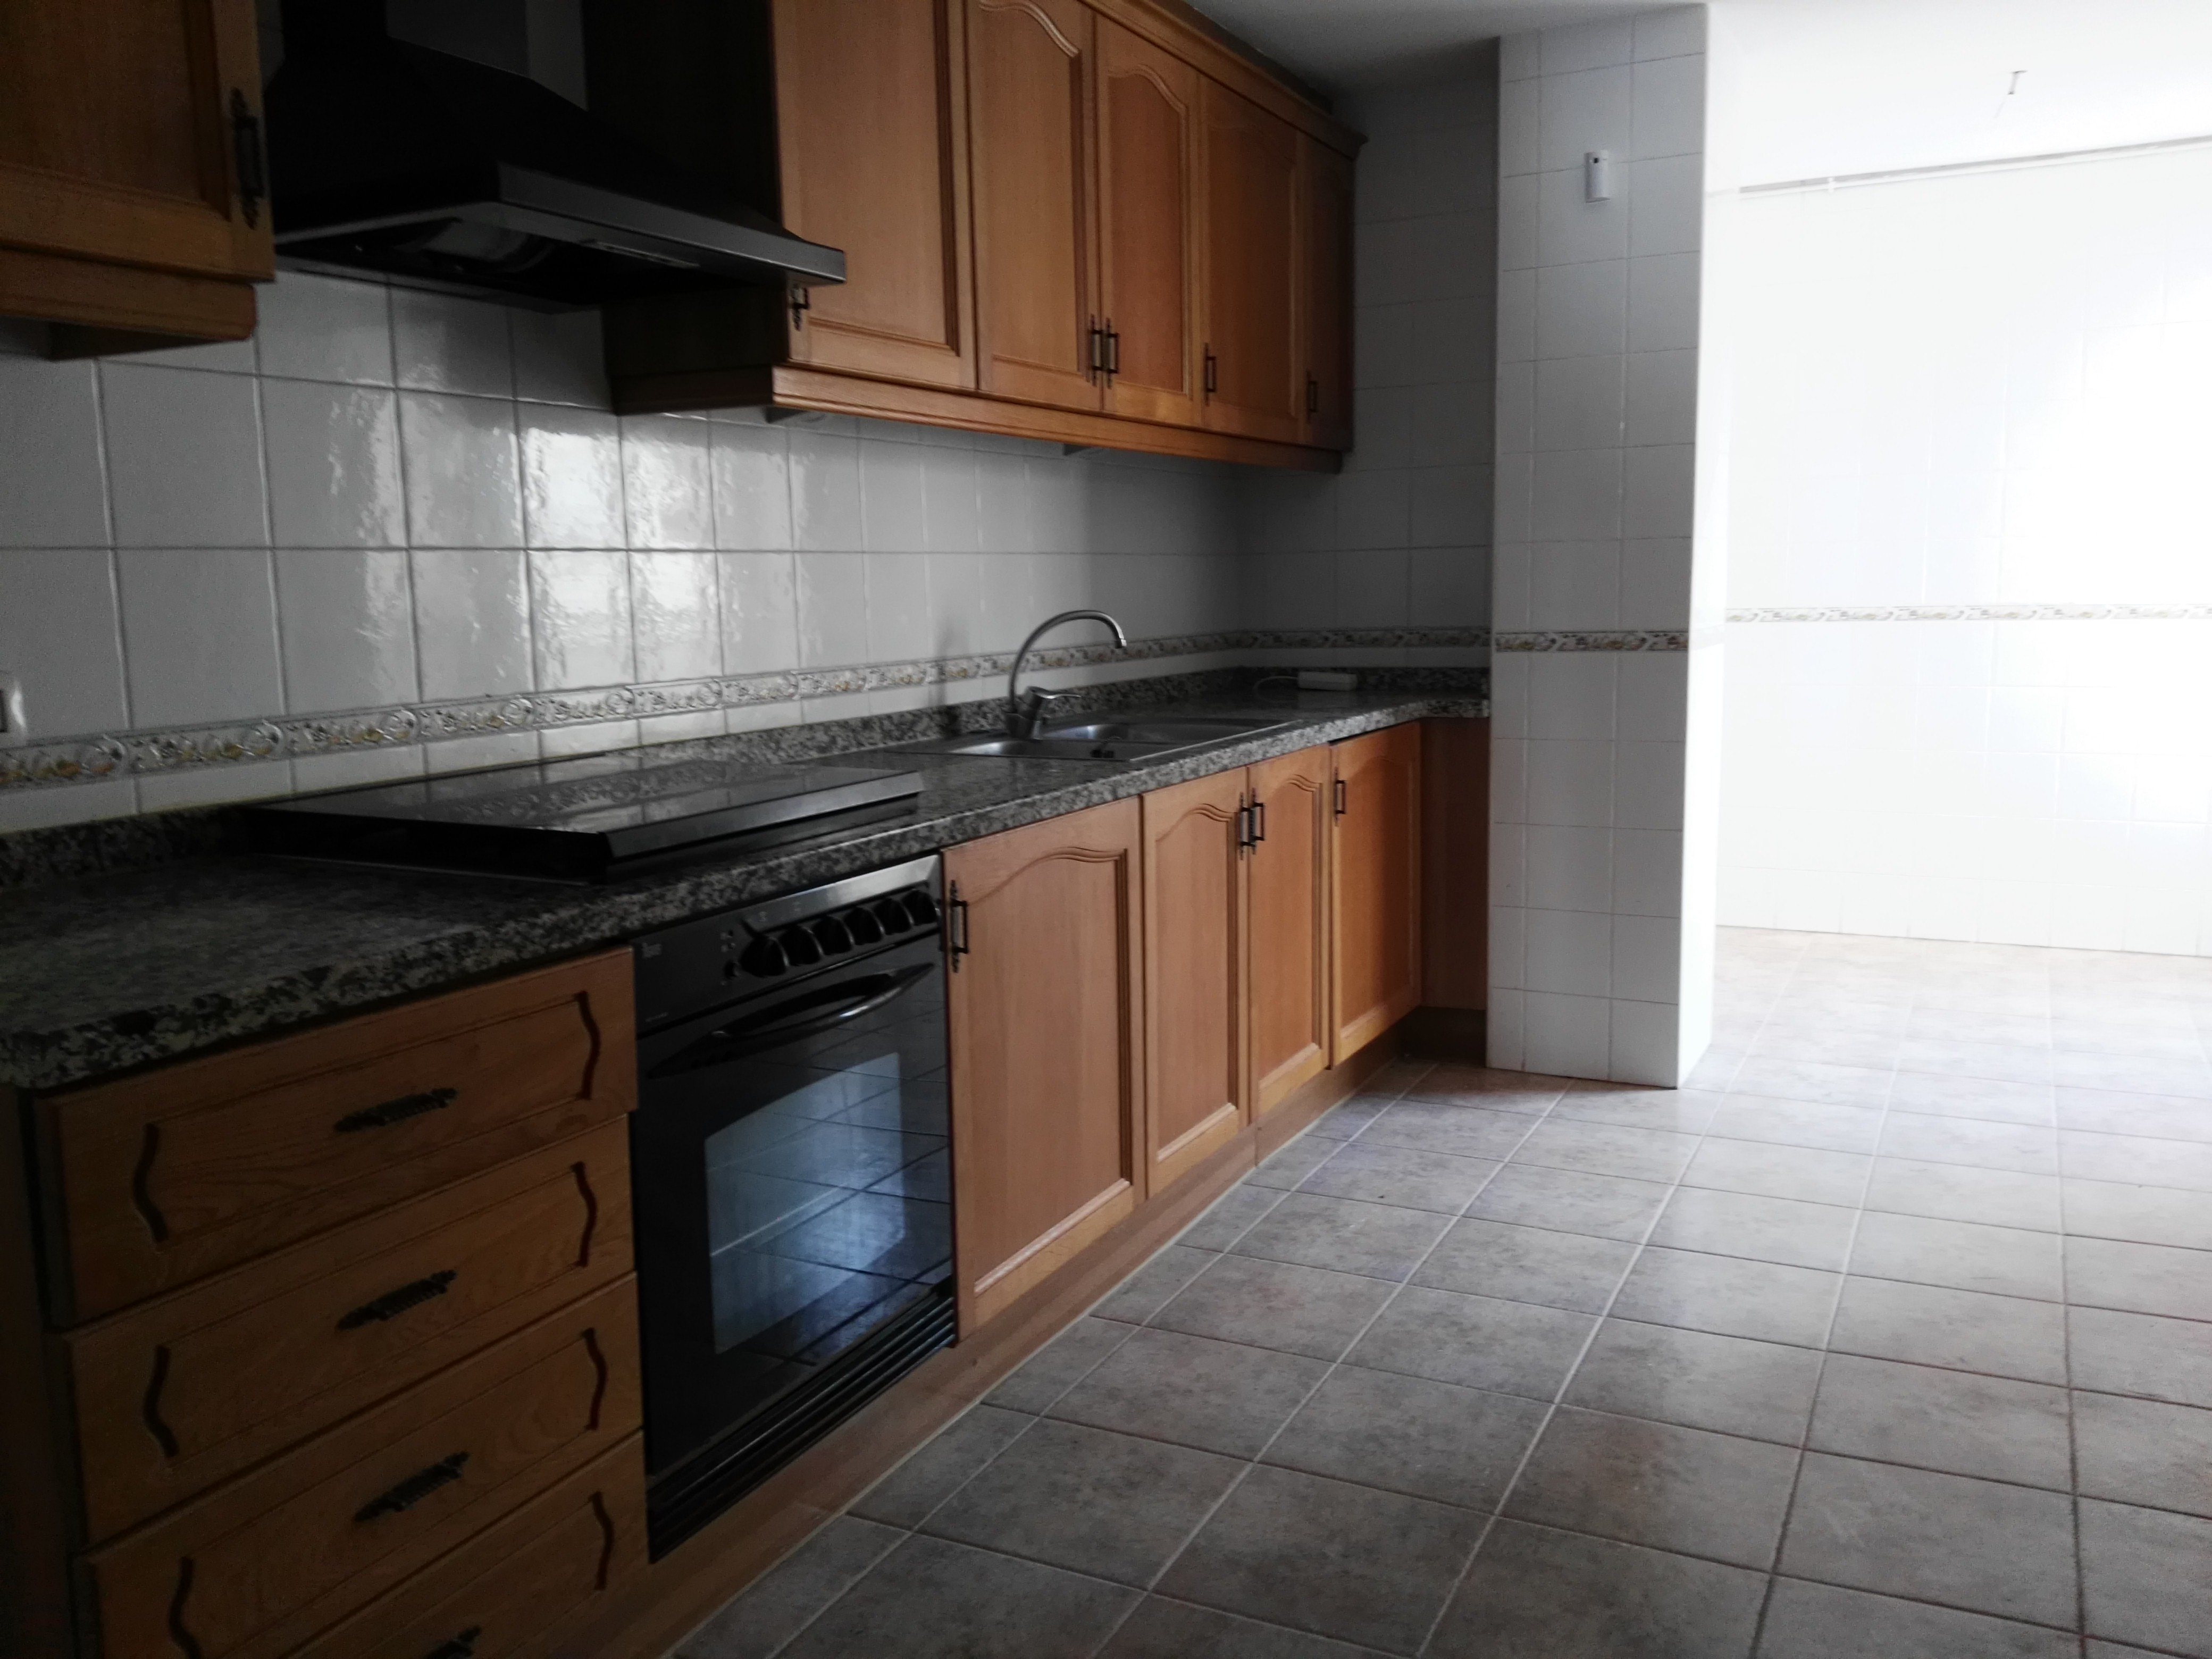 Piso en venta en Almazora/almassora, Castellón, Calle San Fernando, 91.000 €, 3 habitaciones, 2 baños, 108 m2